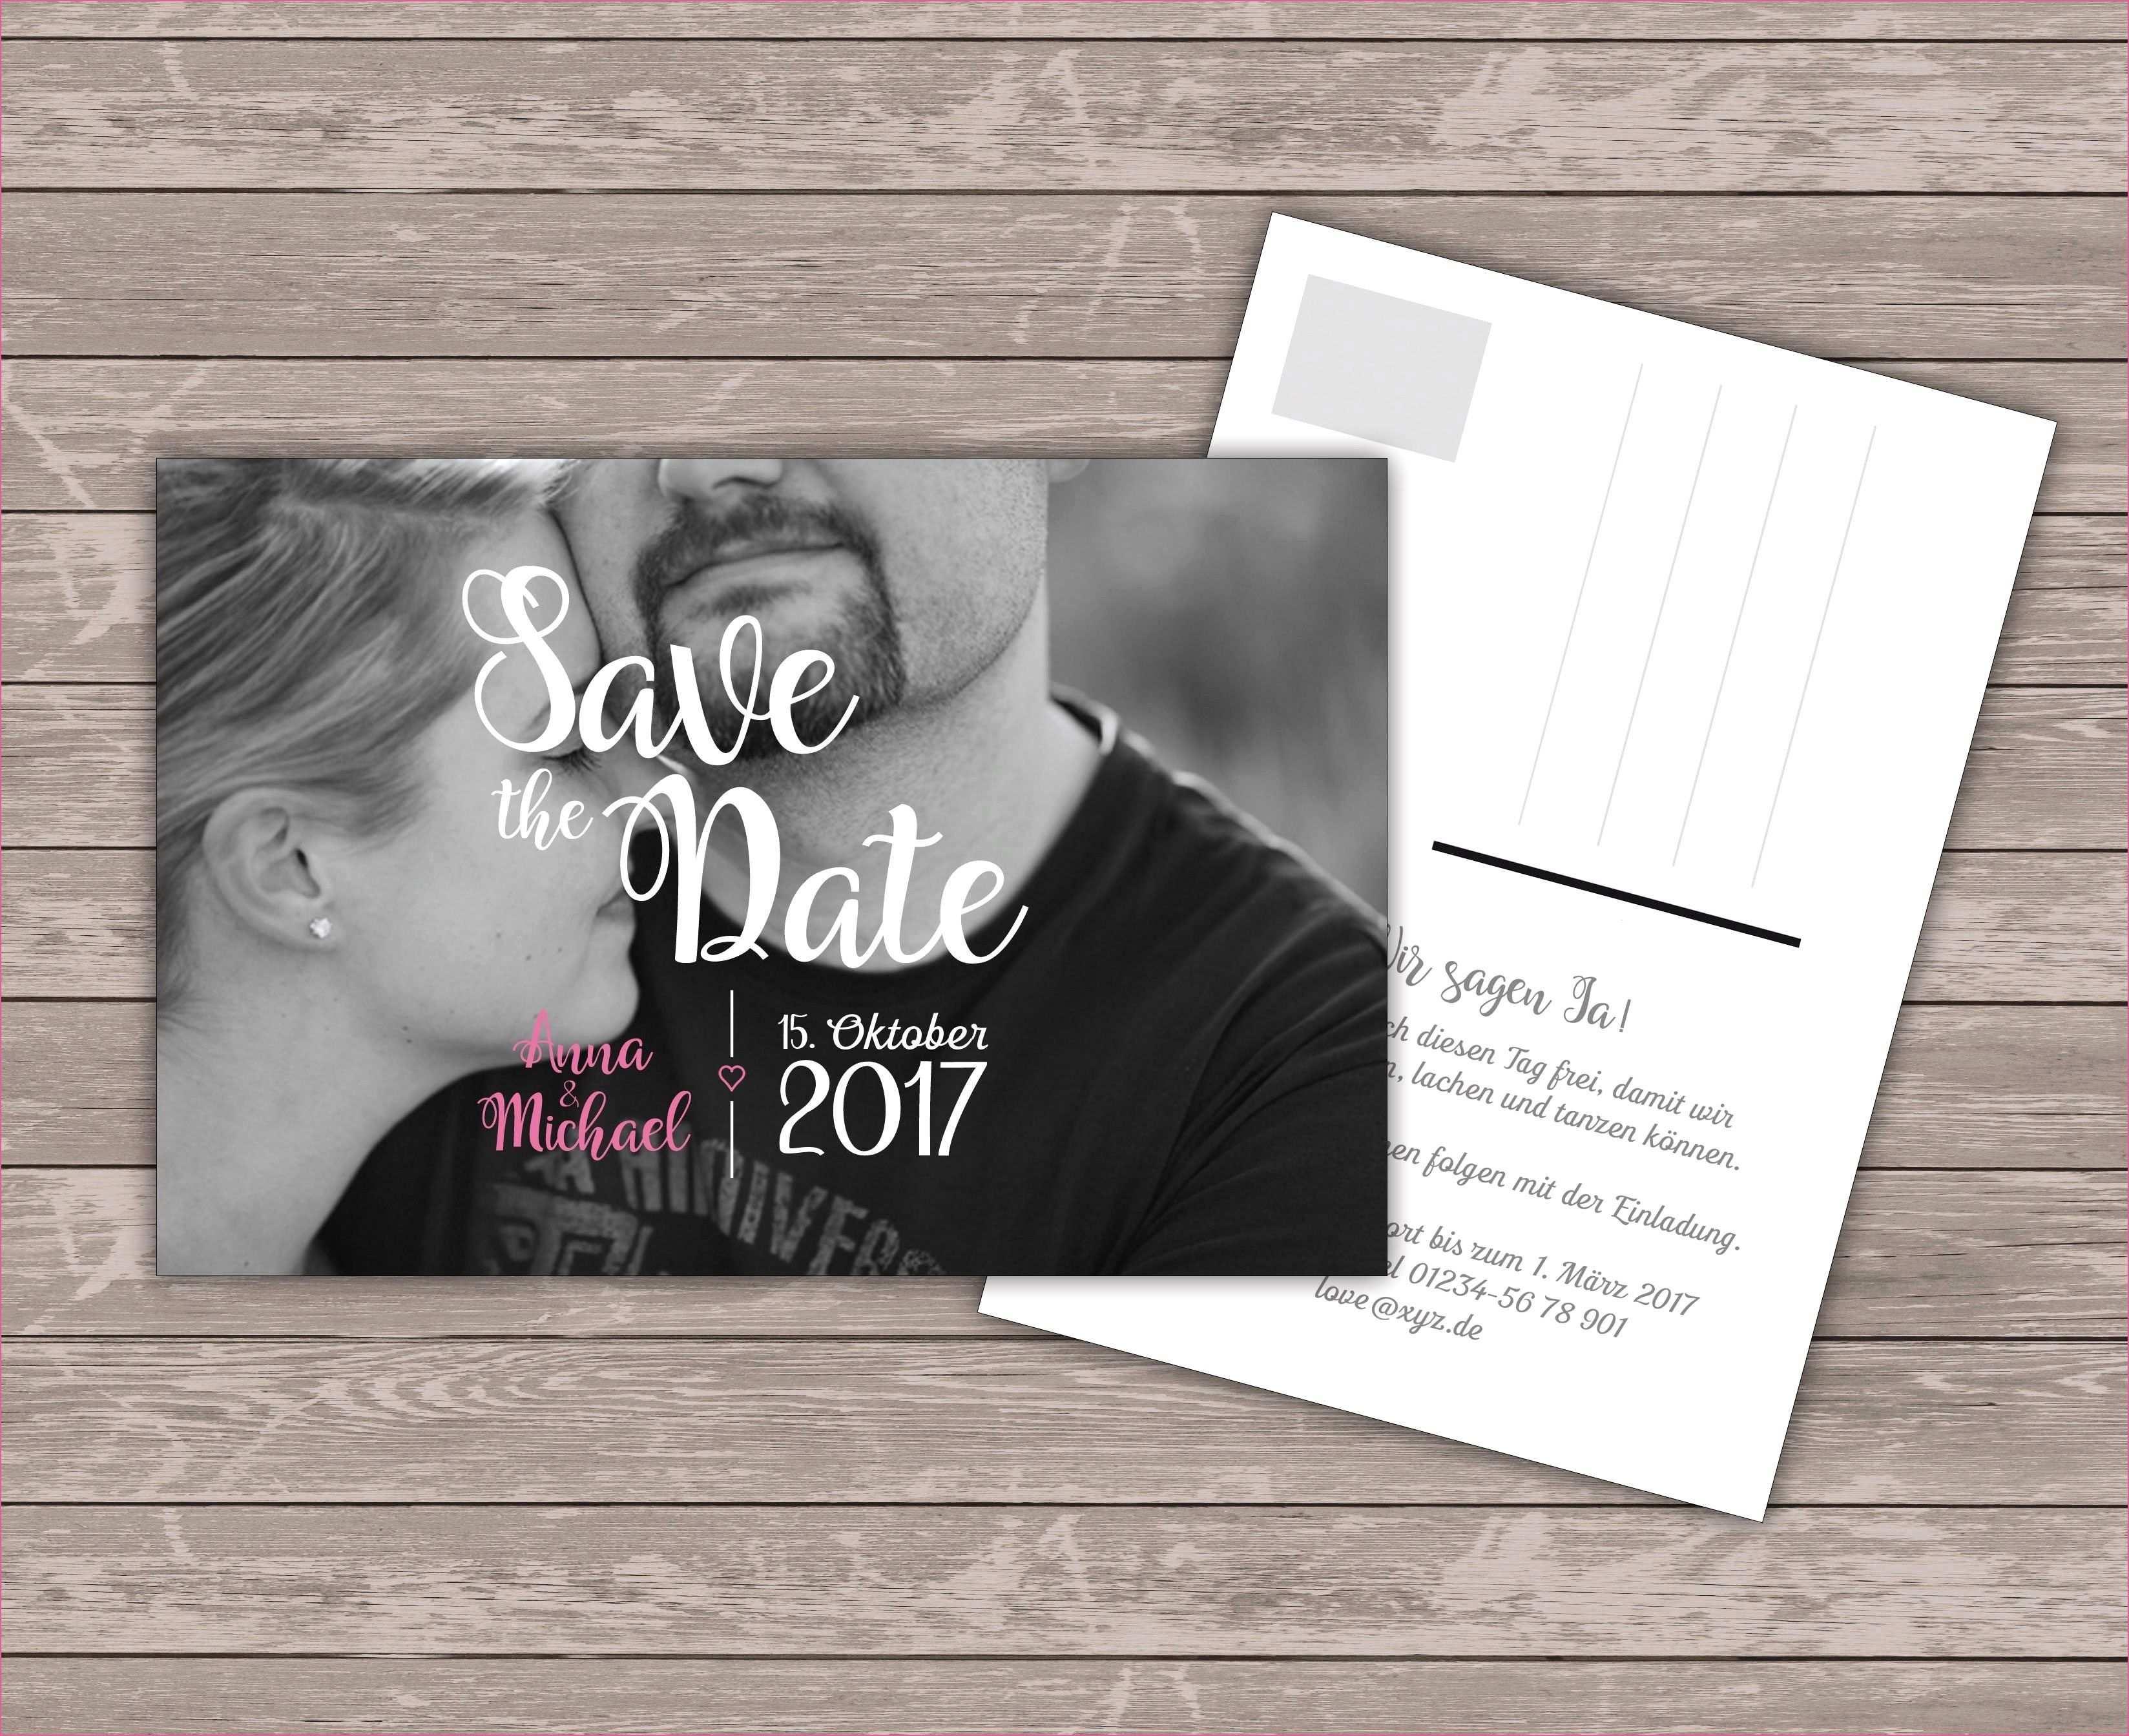 Danksagung Hochzeit Postkarte Danksagung Hochzeit Postkarte